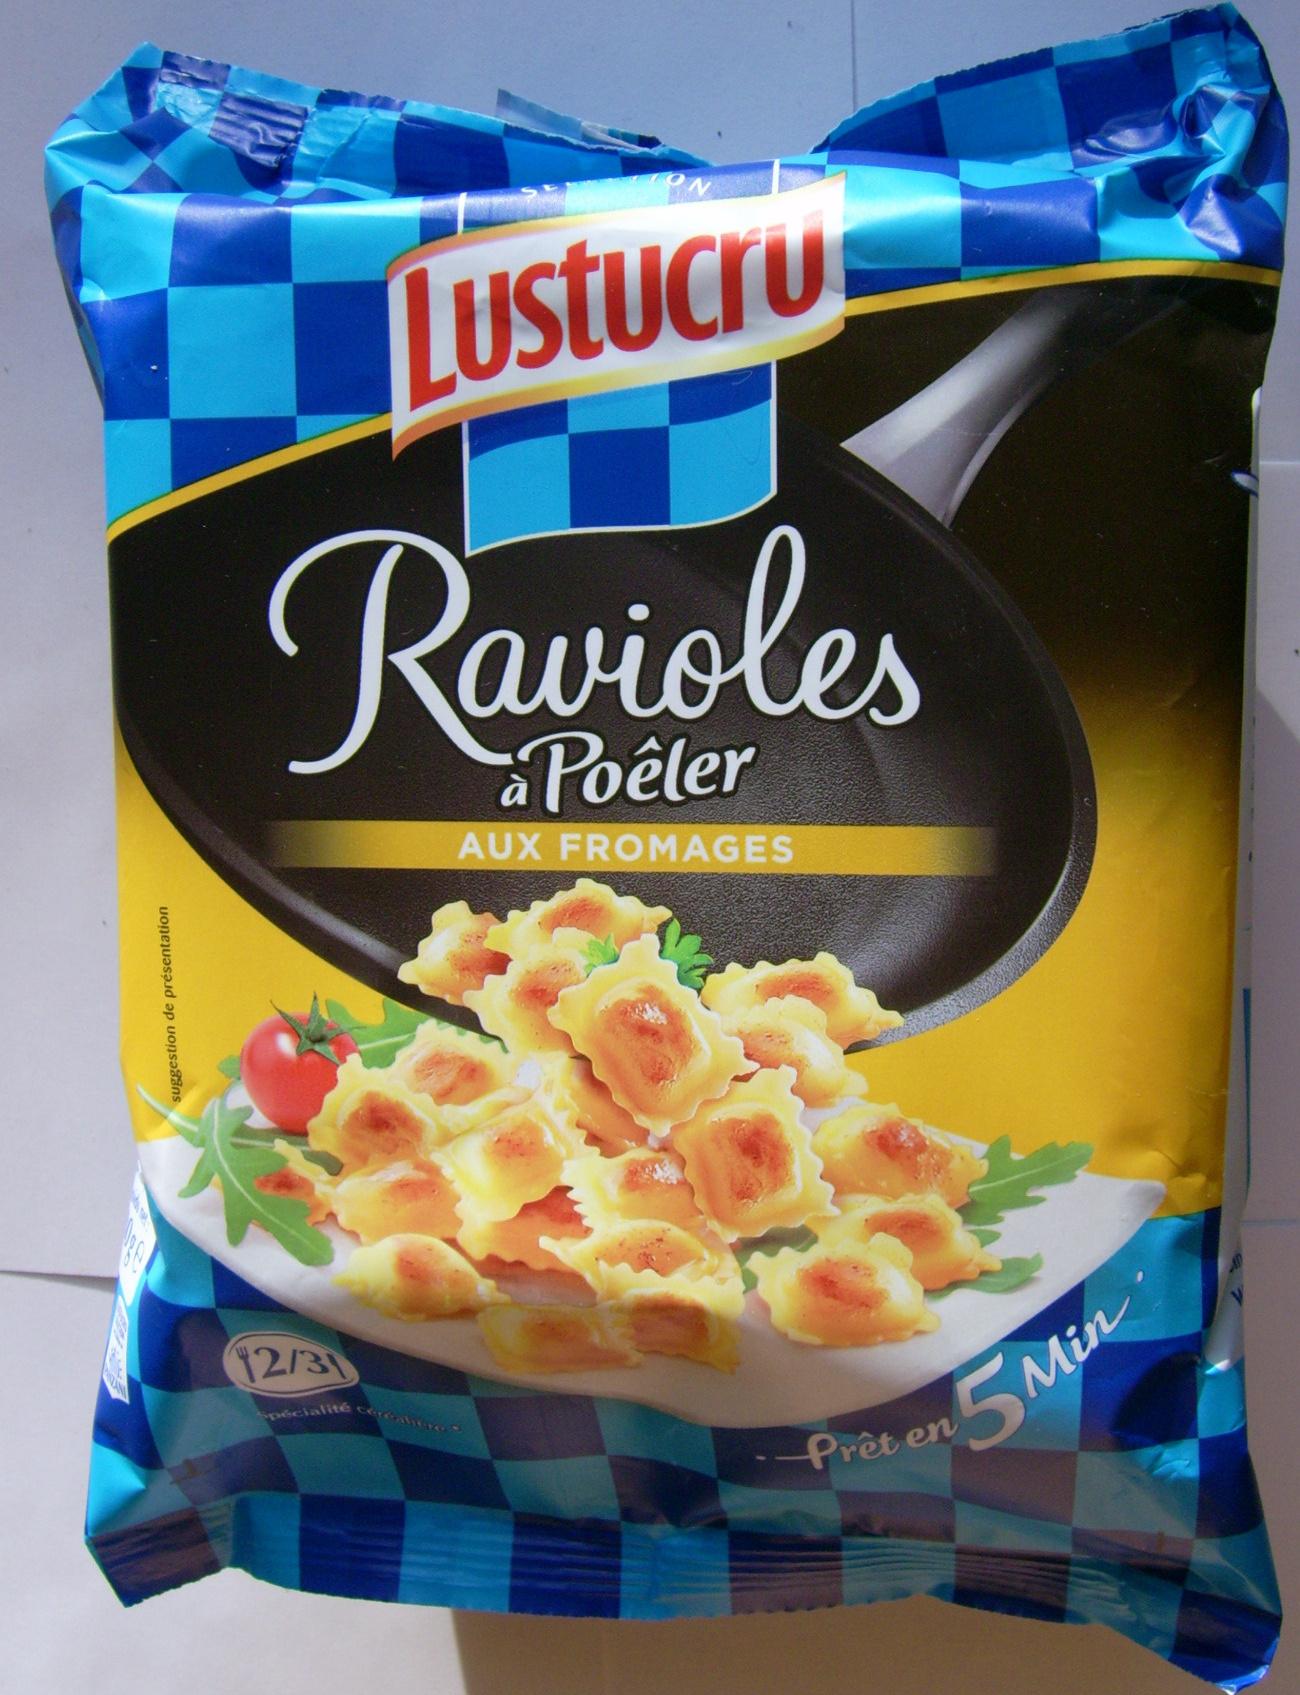 Ravioles à poêler aux fromages - Produit - fr